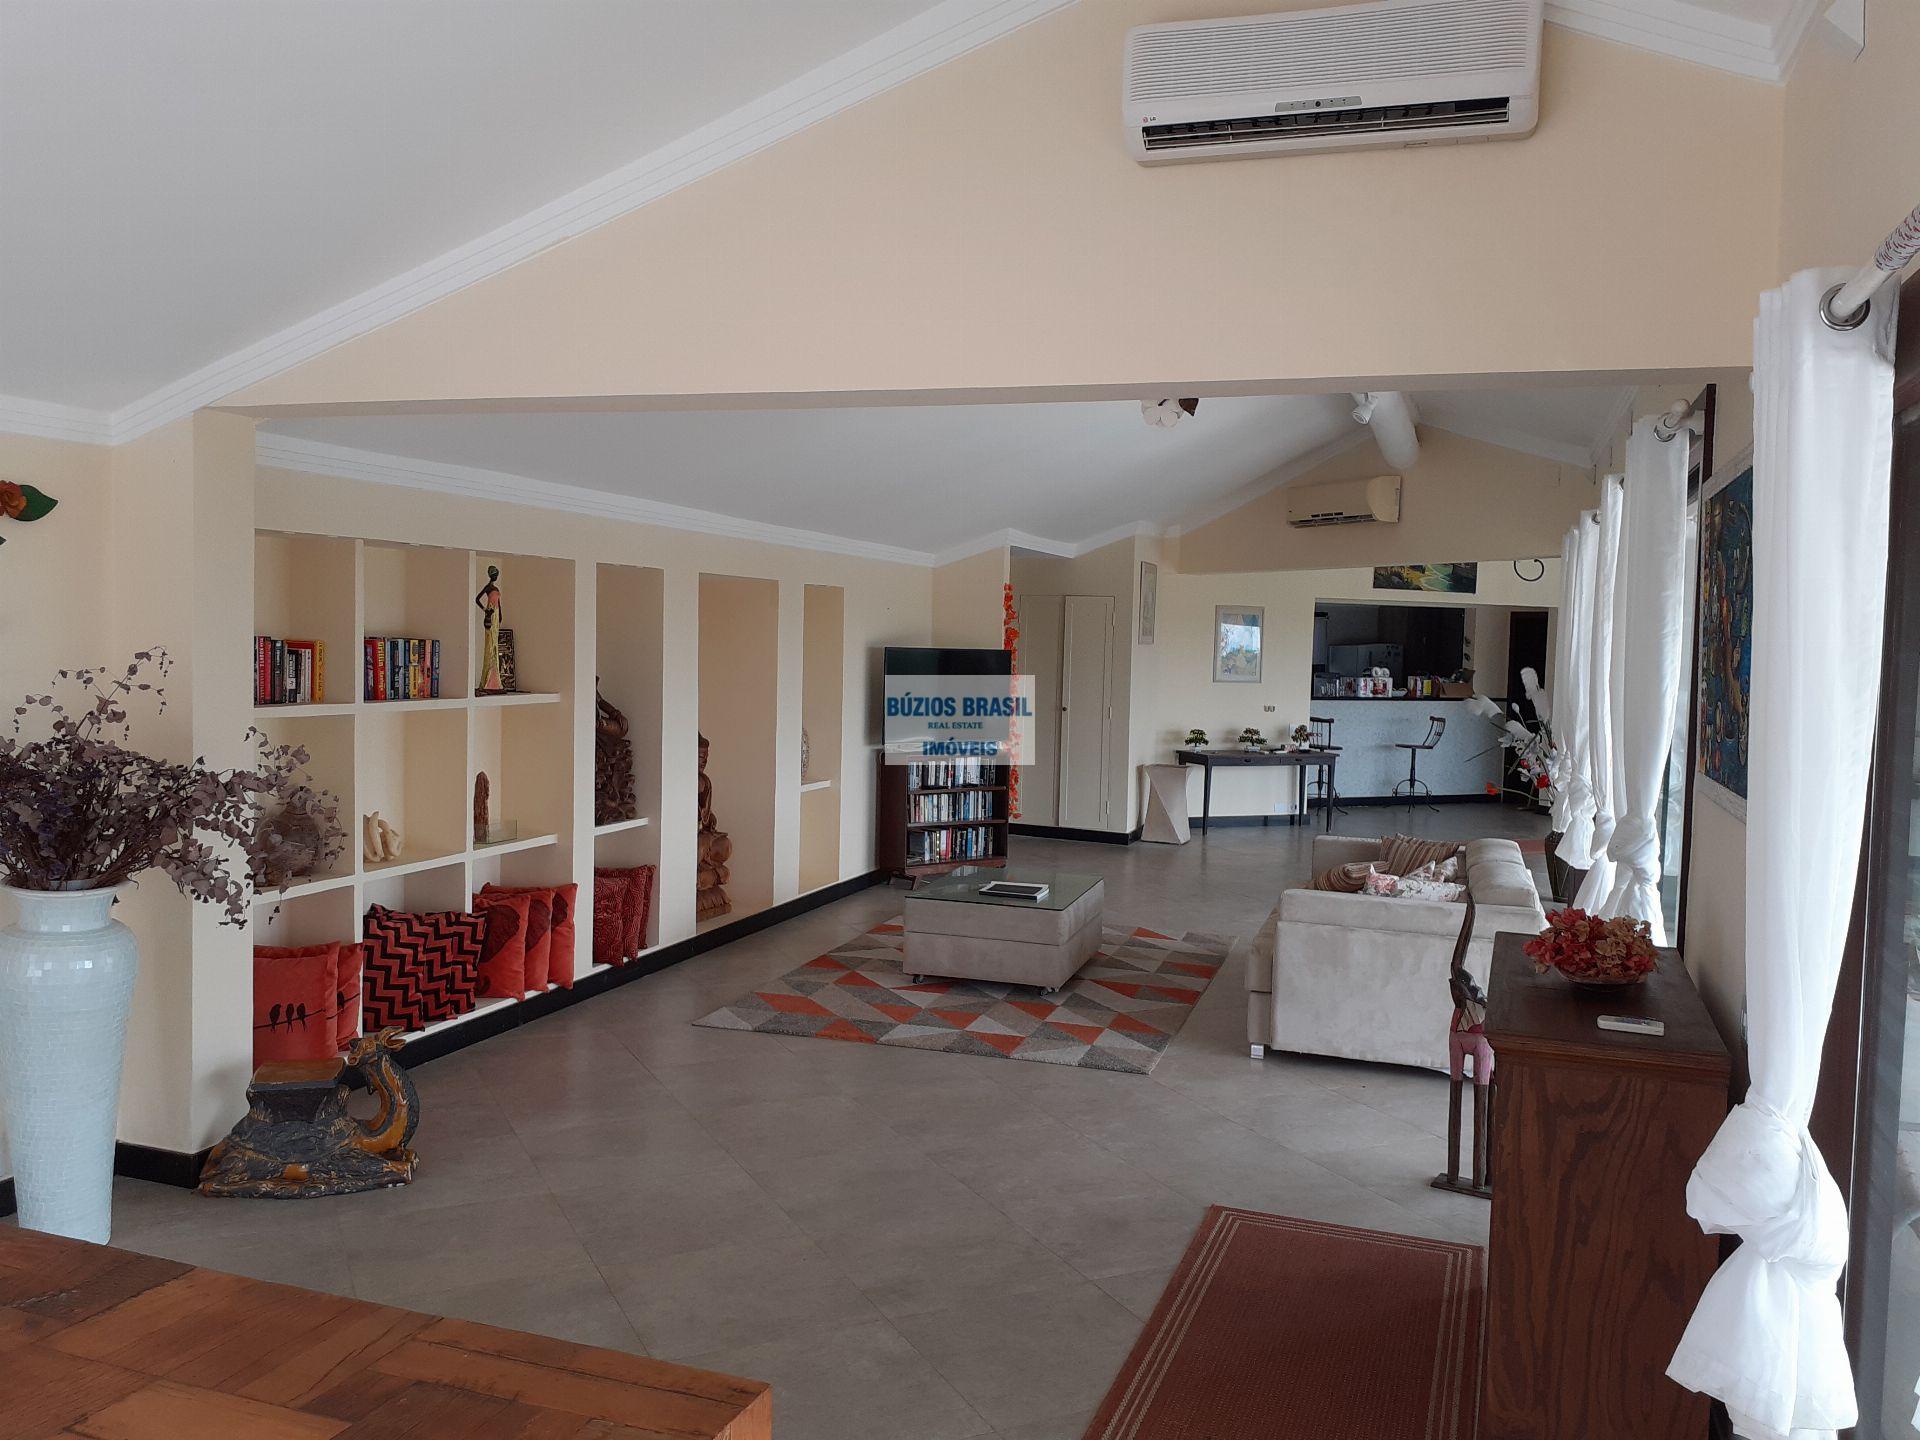 Casa em Condomínio 7 quartos para alugar centro, Armação dos Búzios - LTC2 - 7